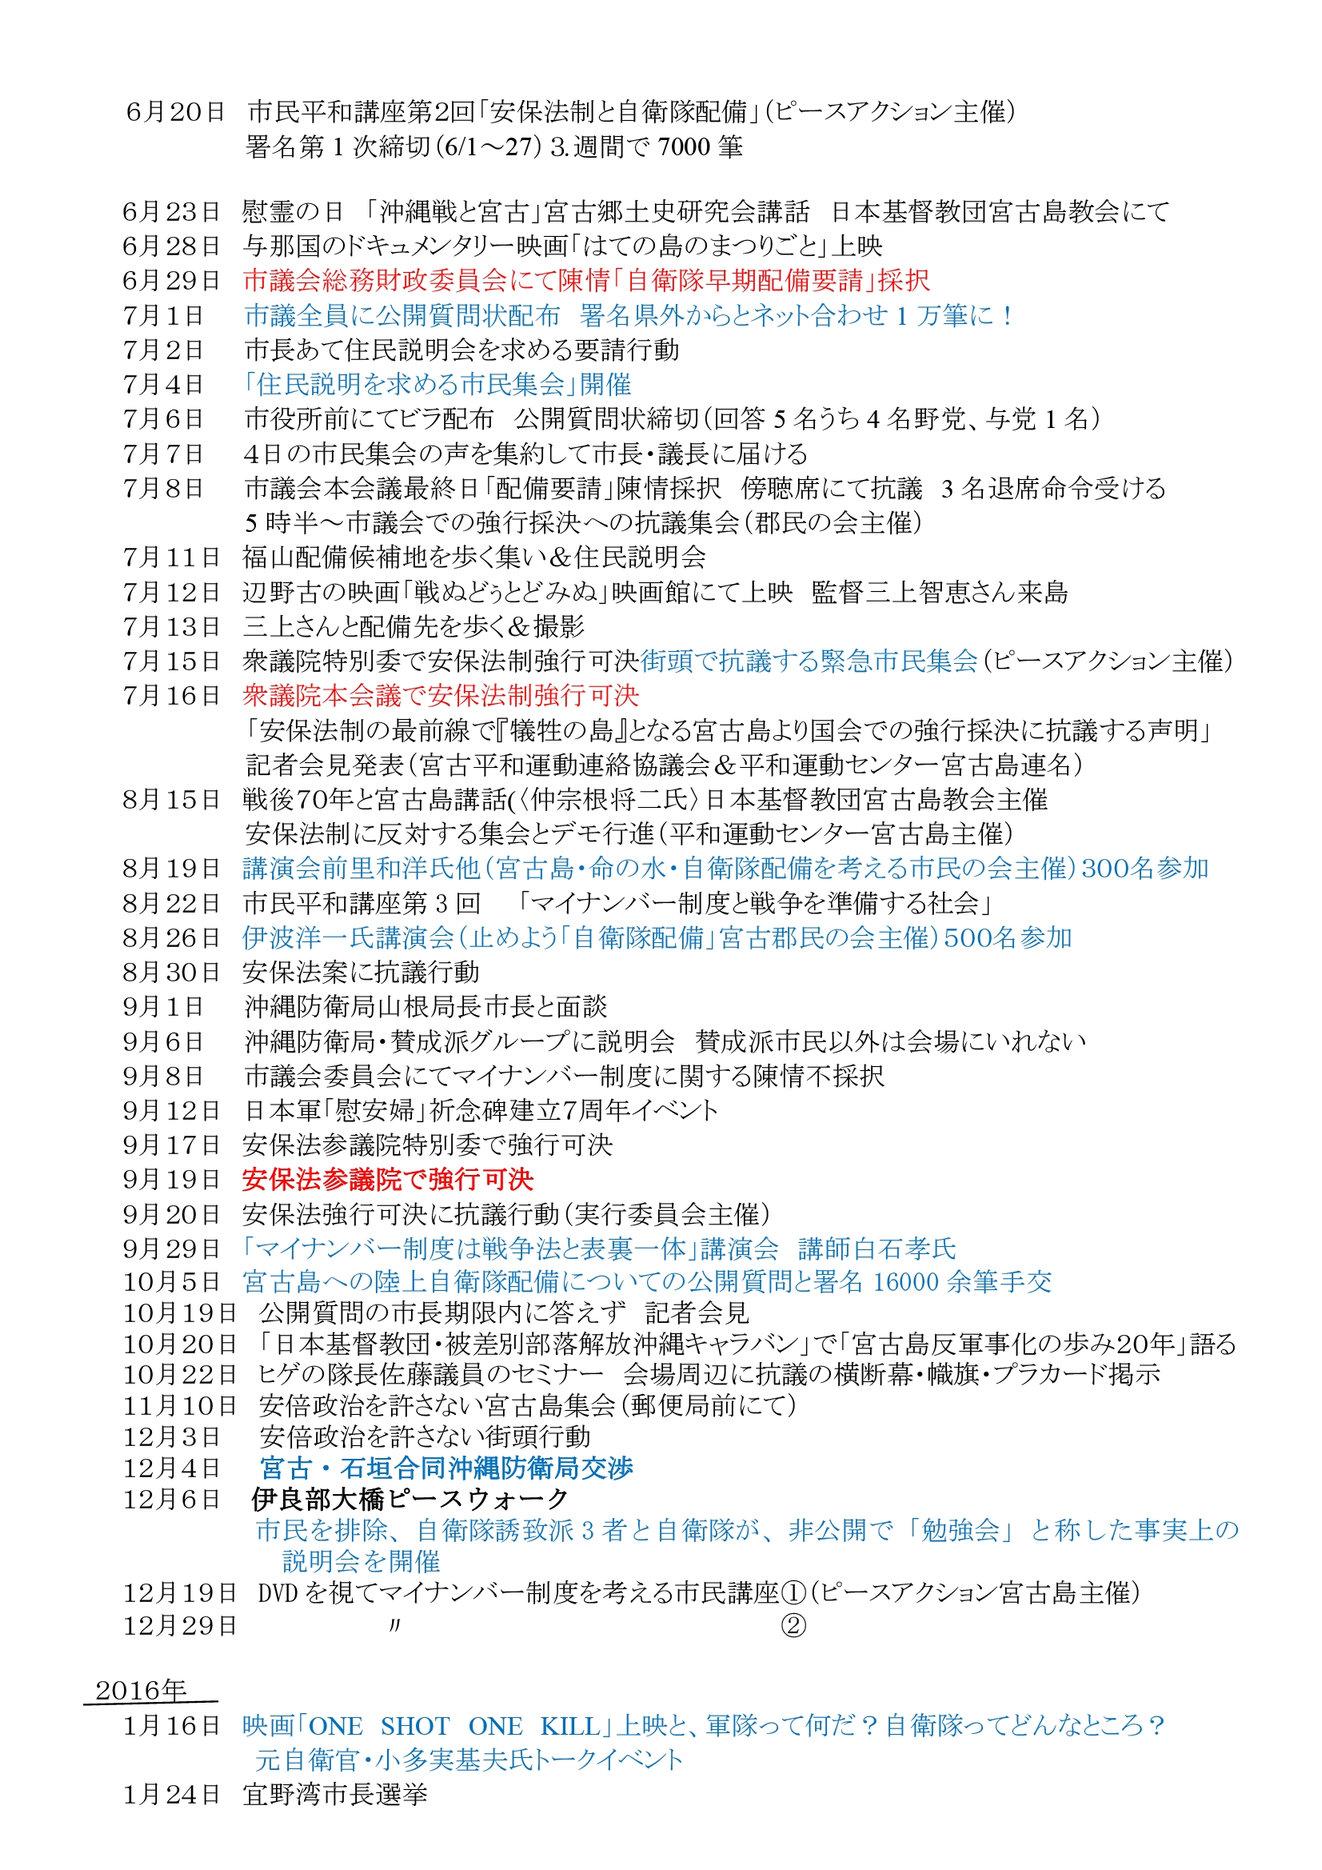 年表:宮古島における反軍反基地の闘い2010~2018 (1)0005[1]